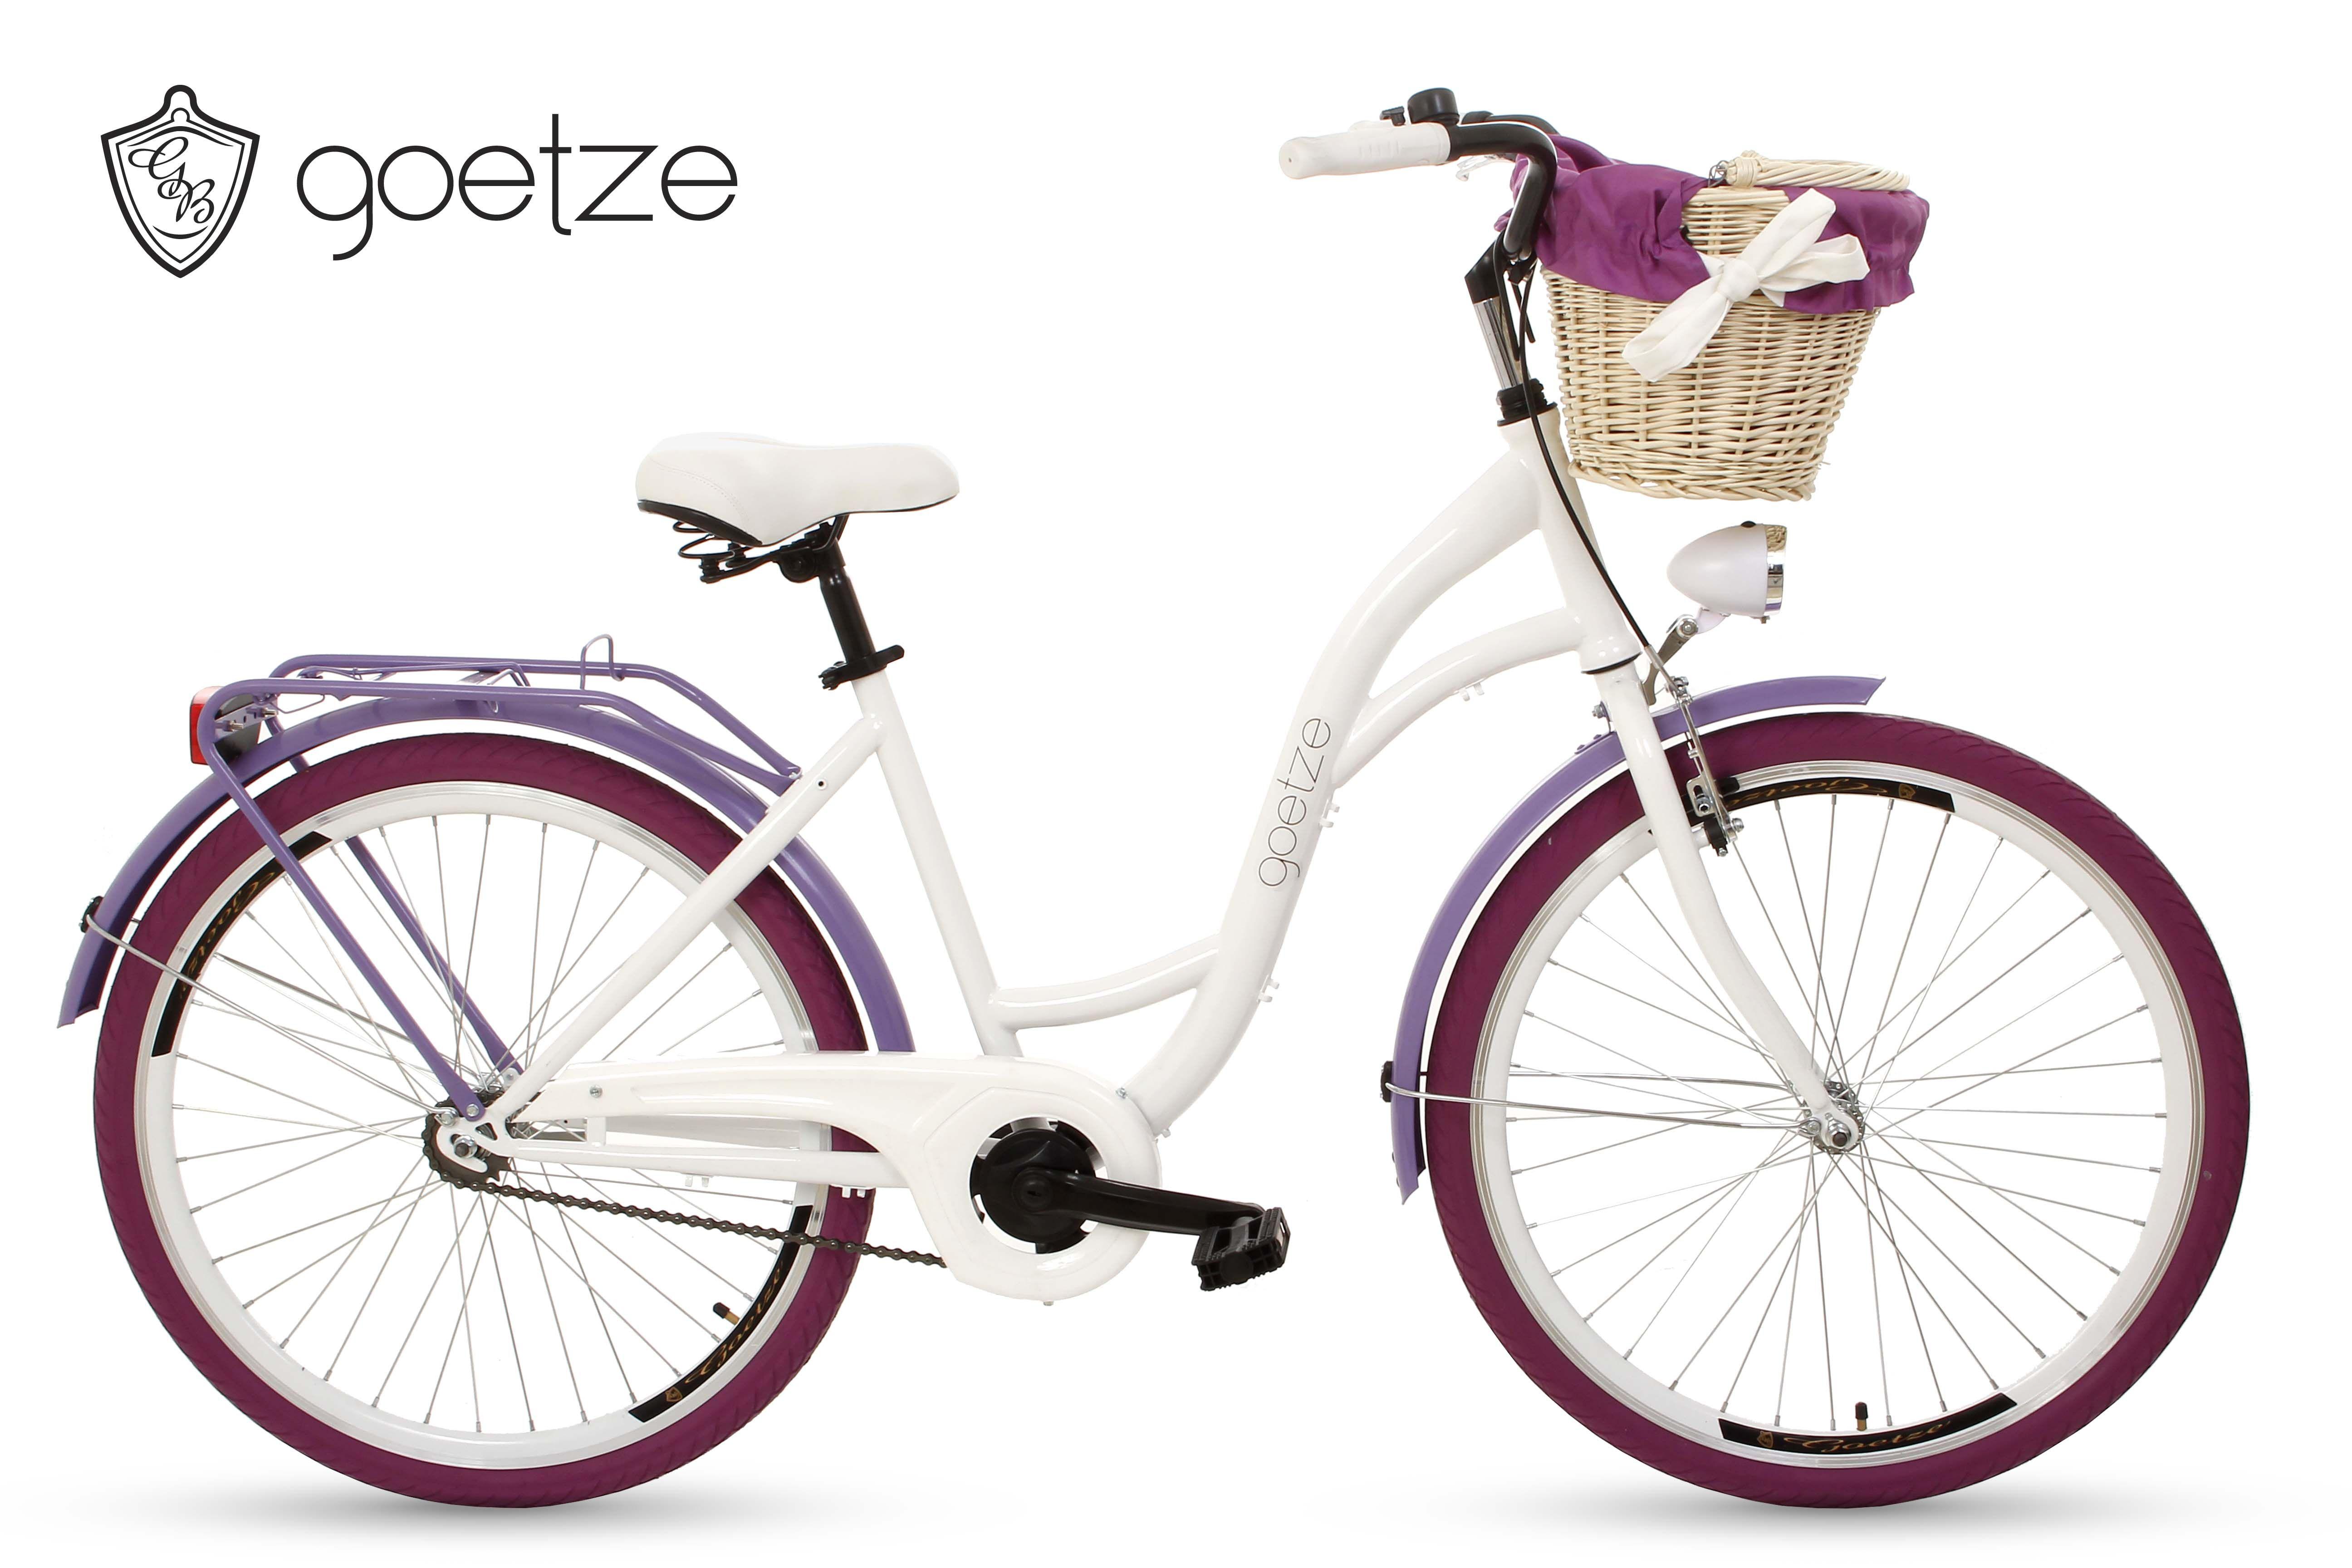 Goetze Fahrrad Direkt Vom Herstellergoetze Style 26 Ein Fahrrad Mit Einem Korb Und Polsterunggoetze Ist Ein Stylisches Citybike Das Damenfahrrad Fahrrad Gotze